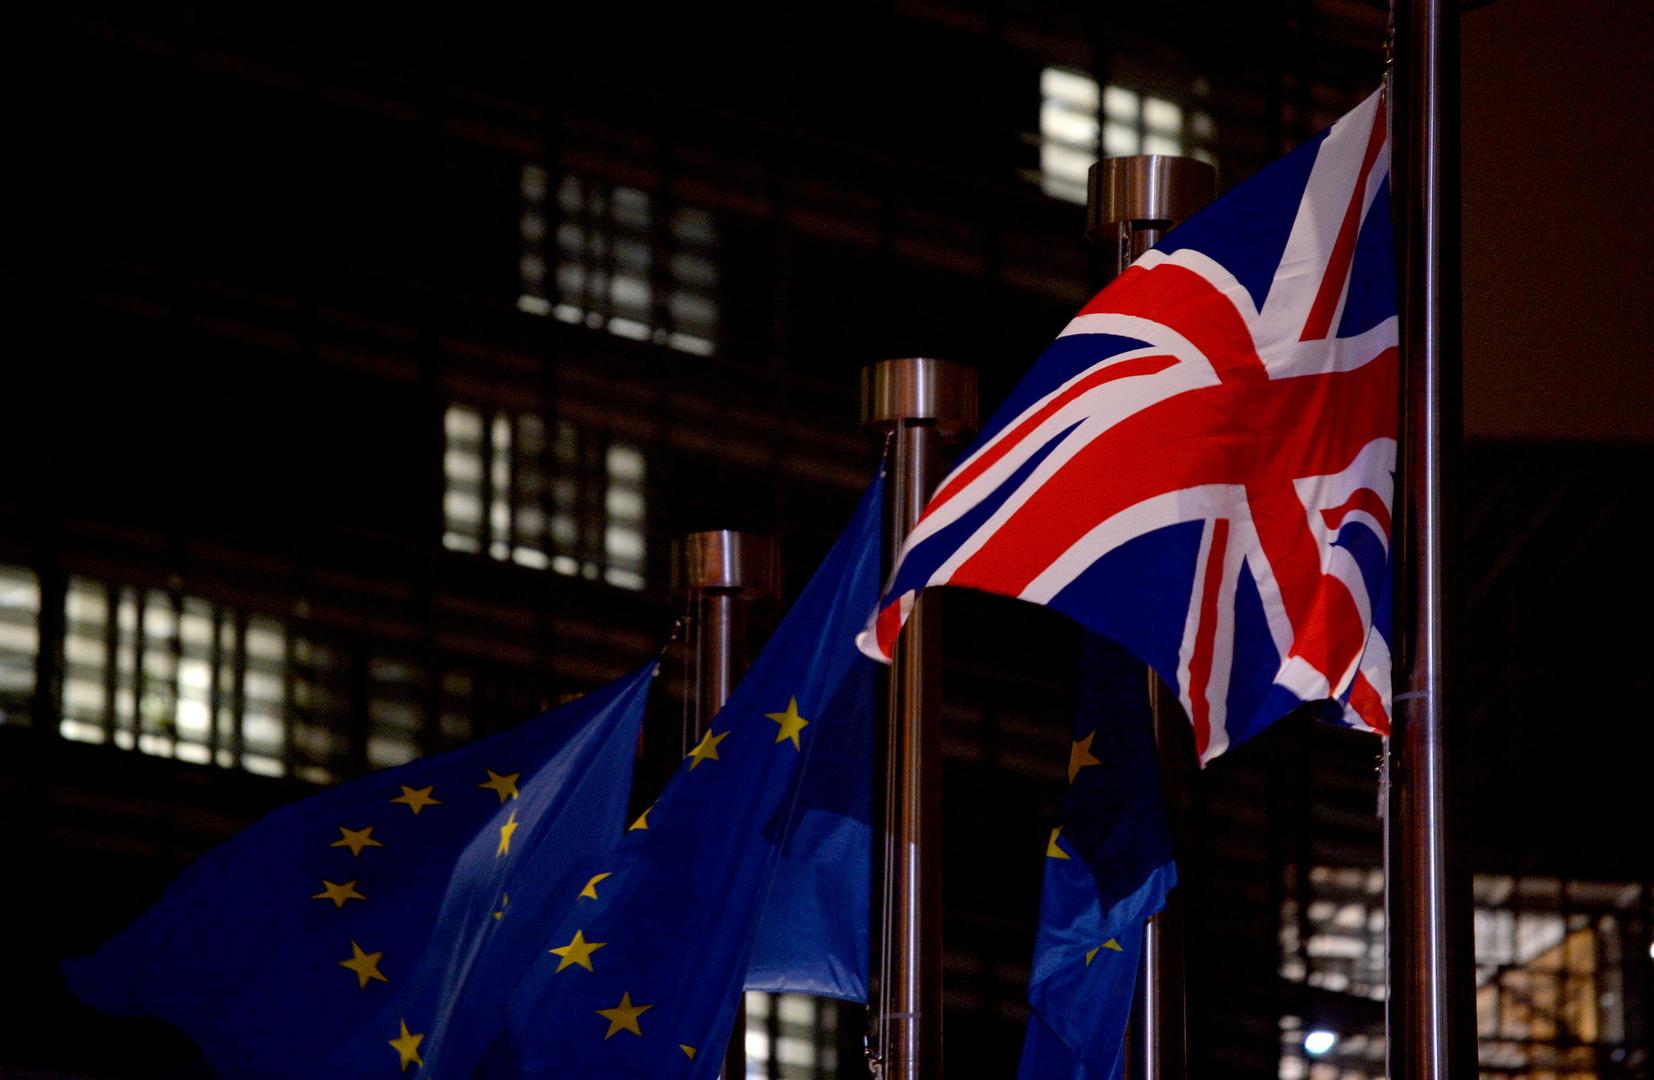 قرار منع الأوروبيين من دخول بريطانيا ببطاقات الهوية يدخل حيز التنفيذ